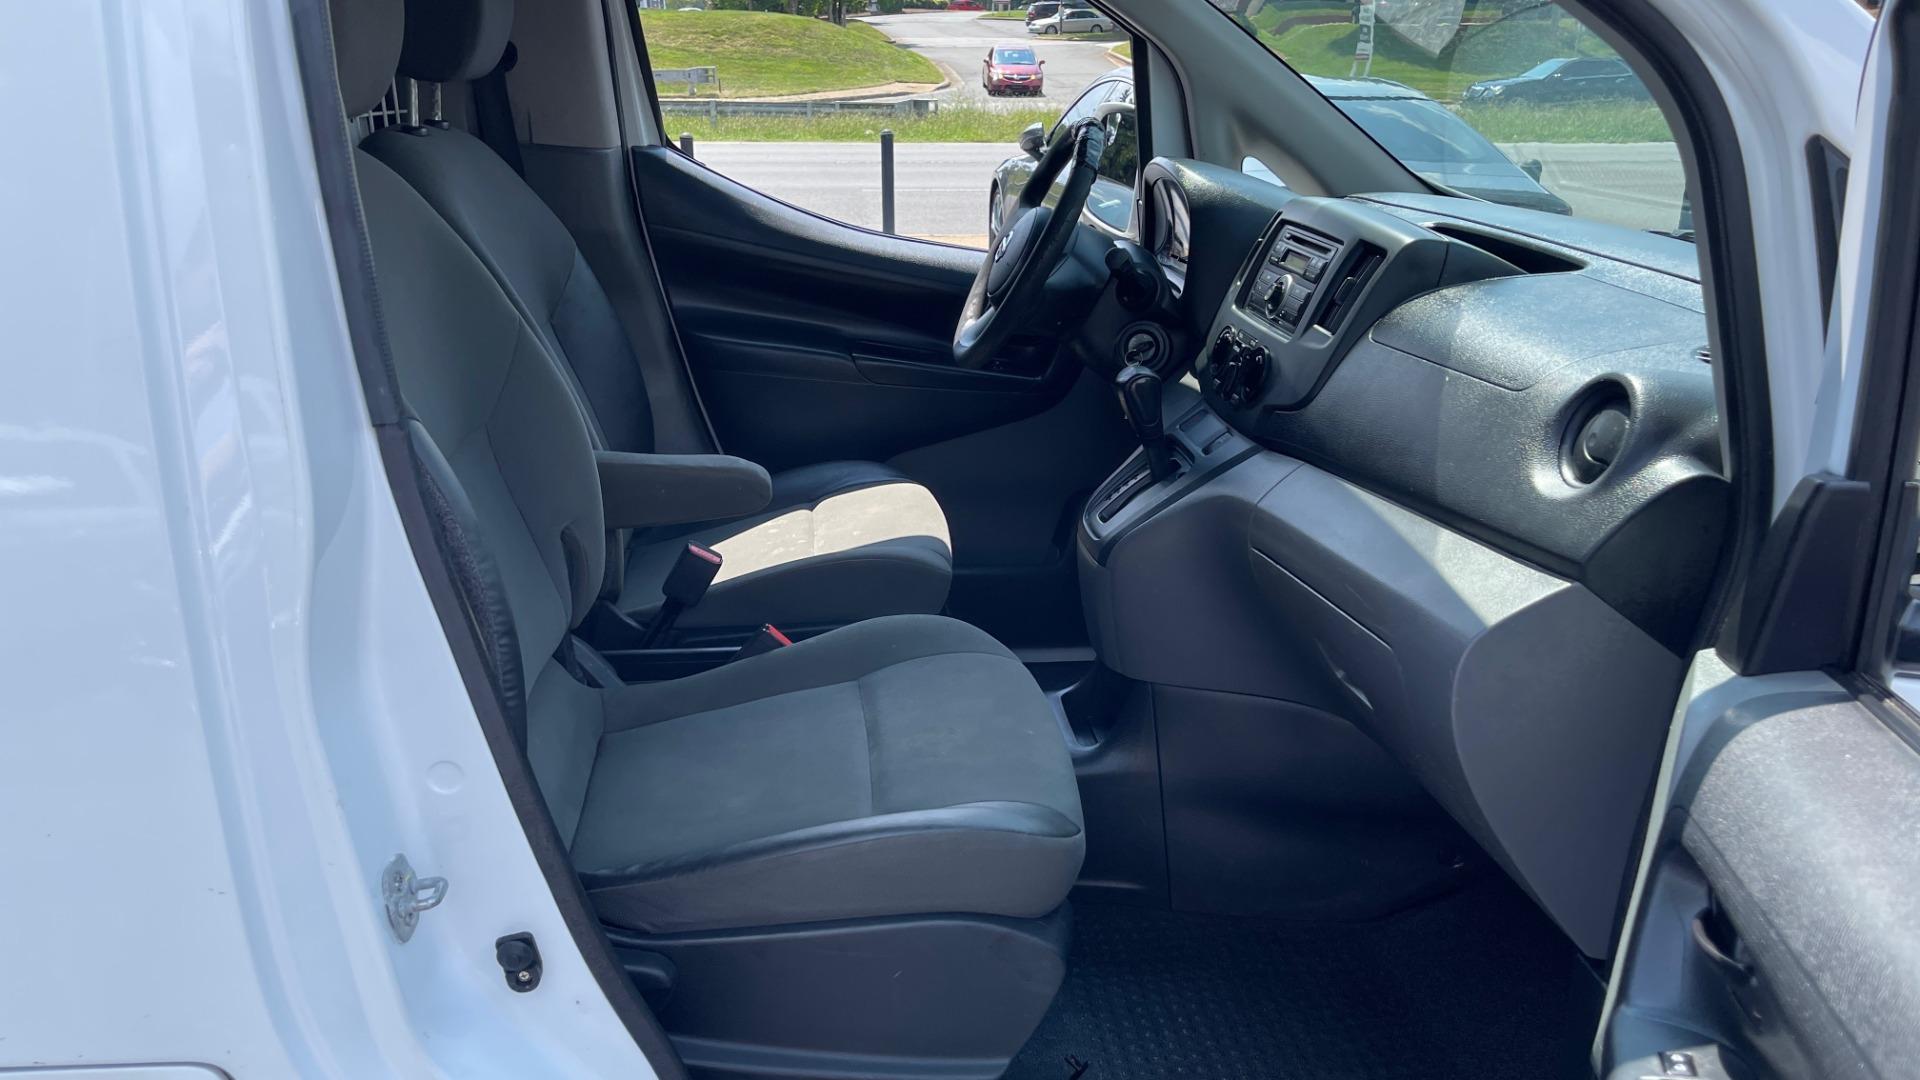 Used 2016 Nissan NV200 SV / WORK VAN / EXTERIOR APPEARANCE PKG / SPLASH GUARDS for sale $14,999 at Formula Imports in Charlotte NC 28227 52